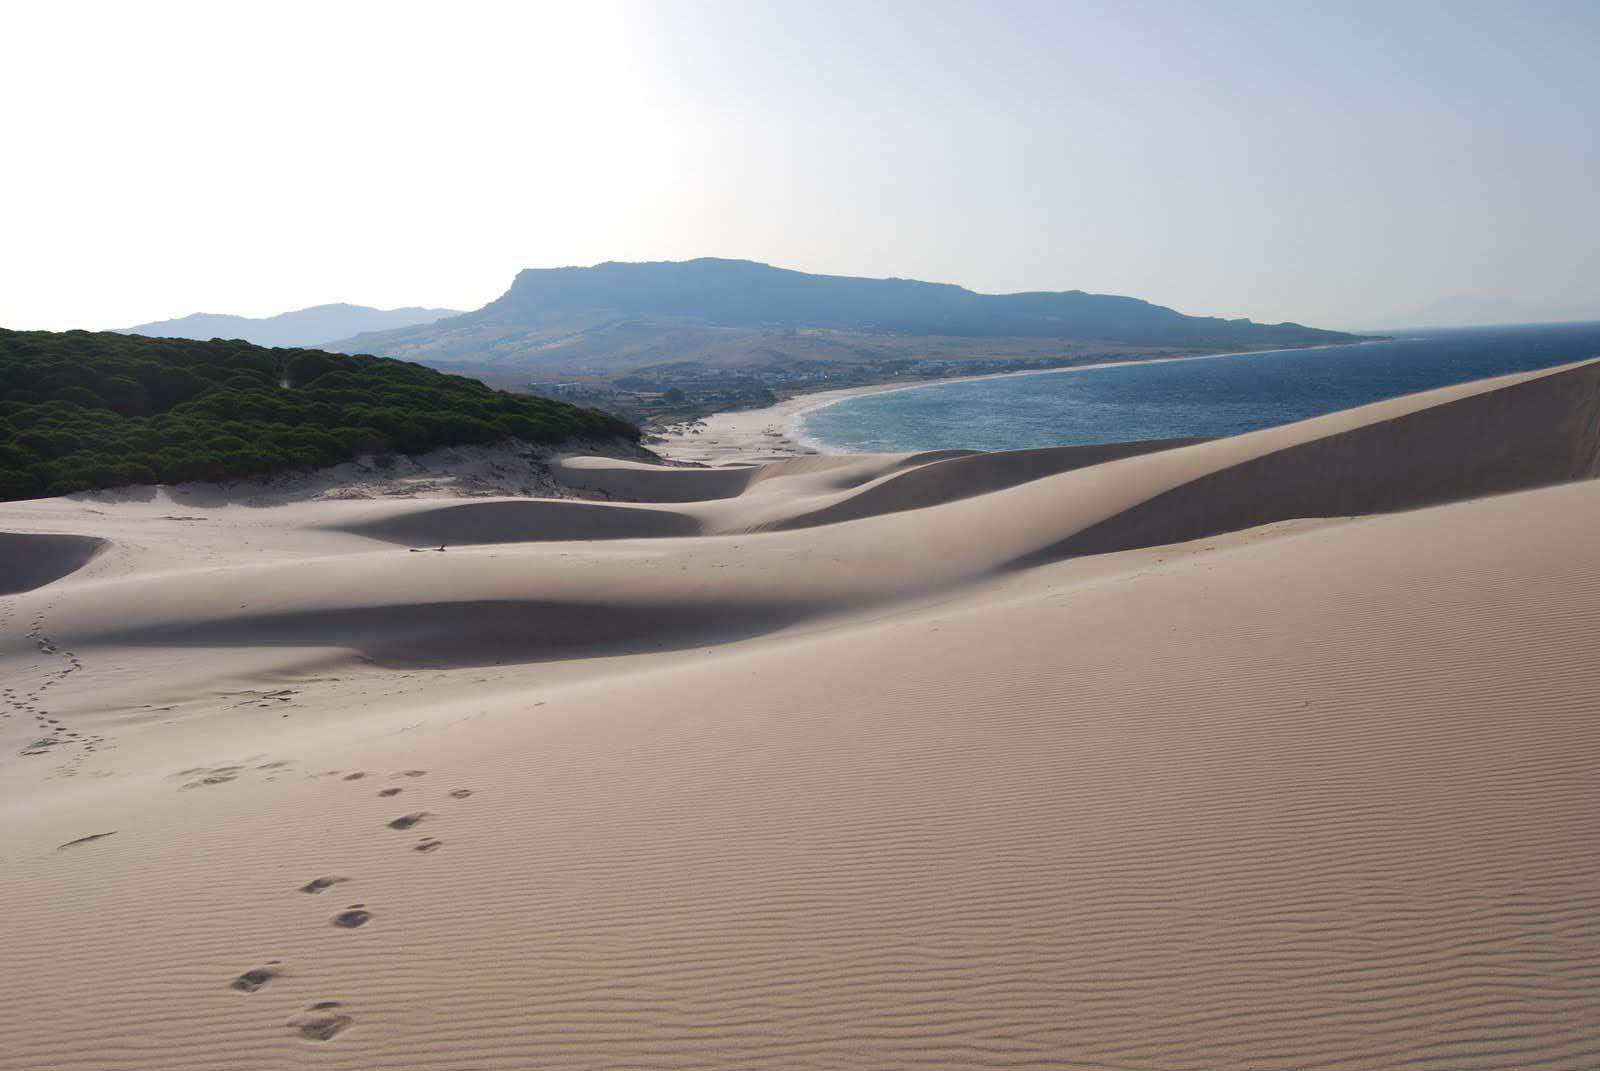 playa-de-bolonia-duna-3